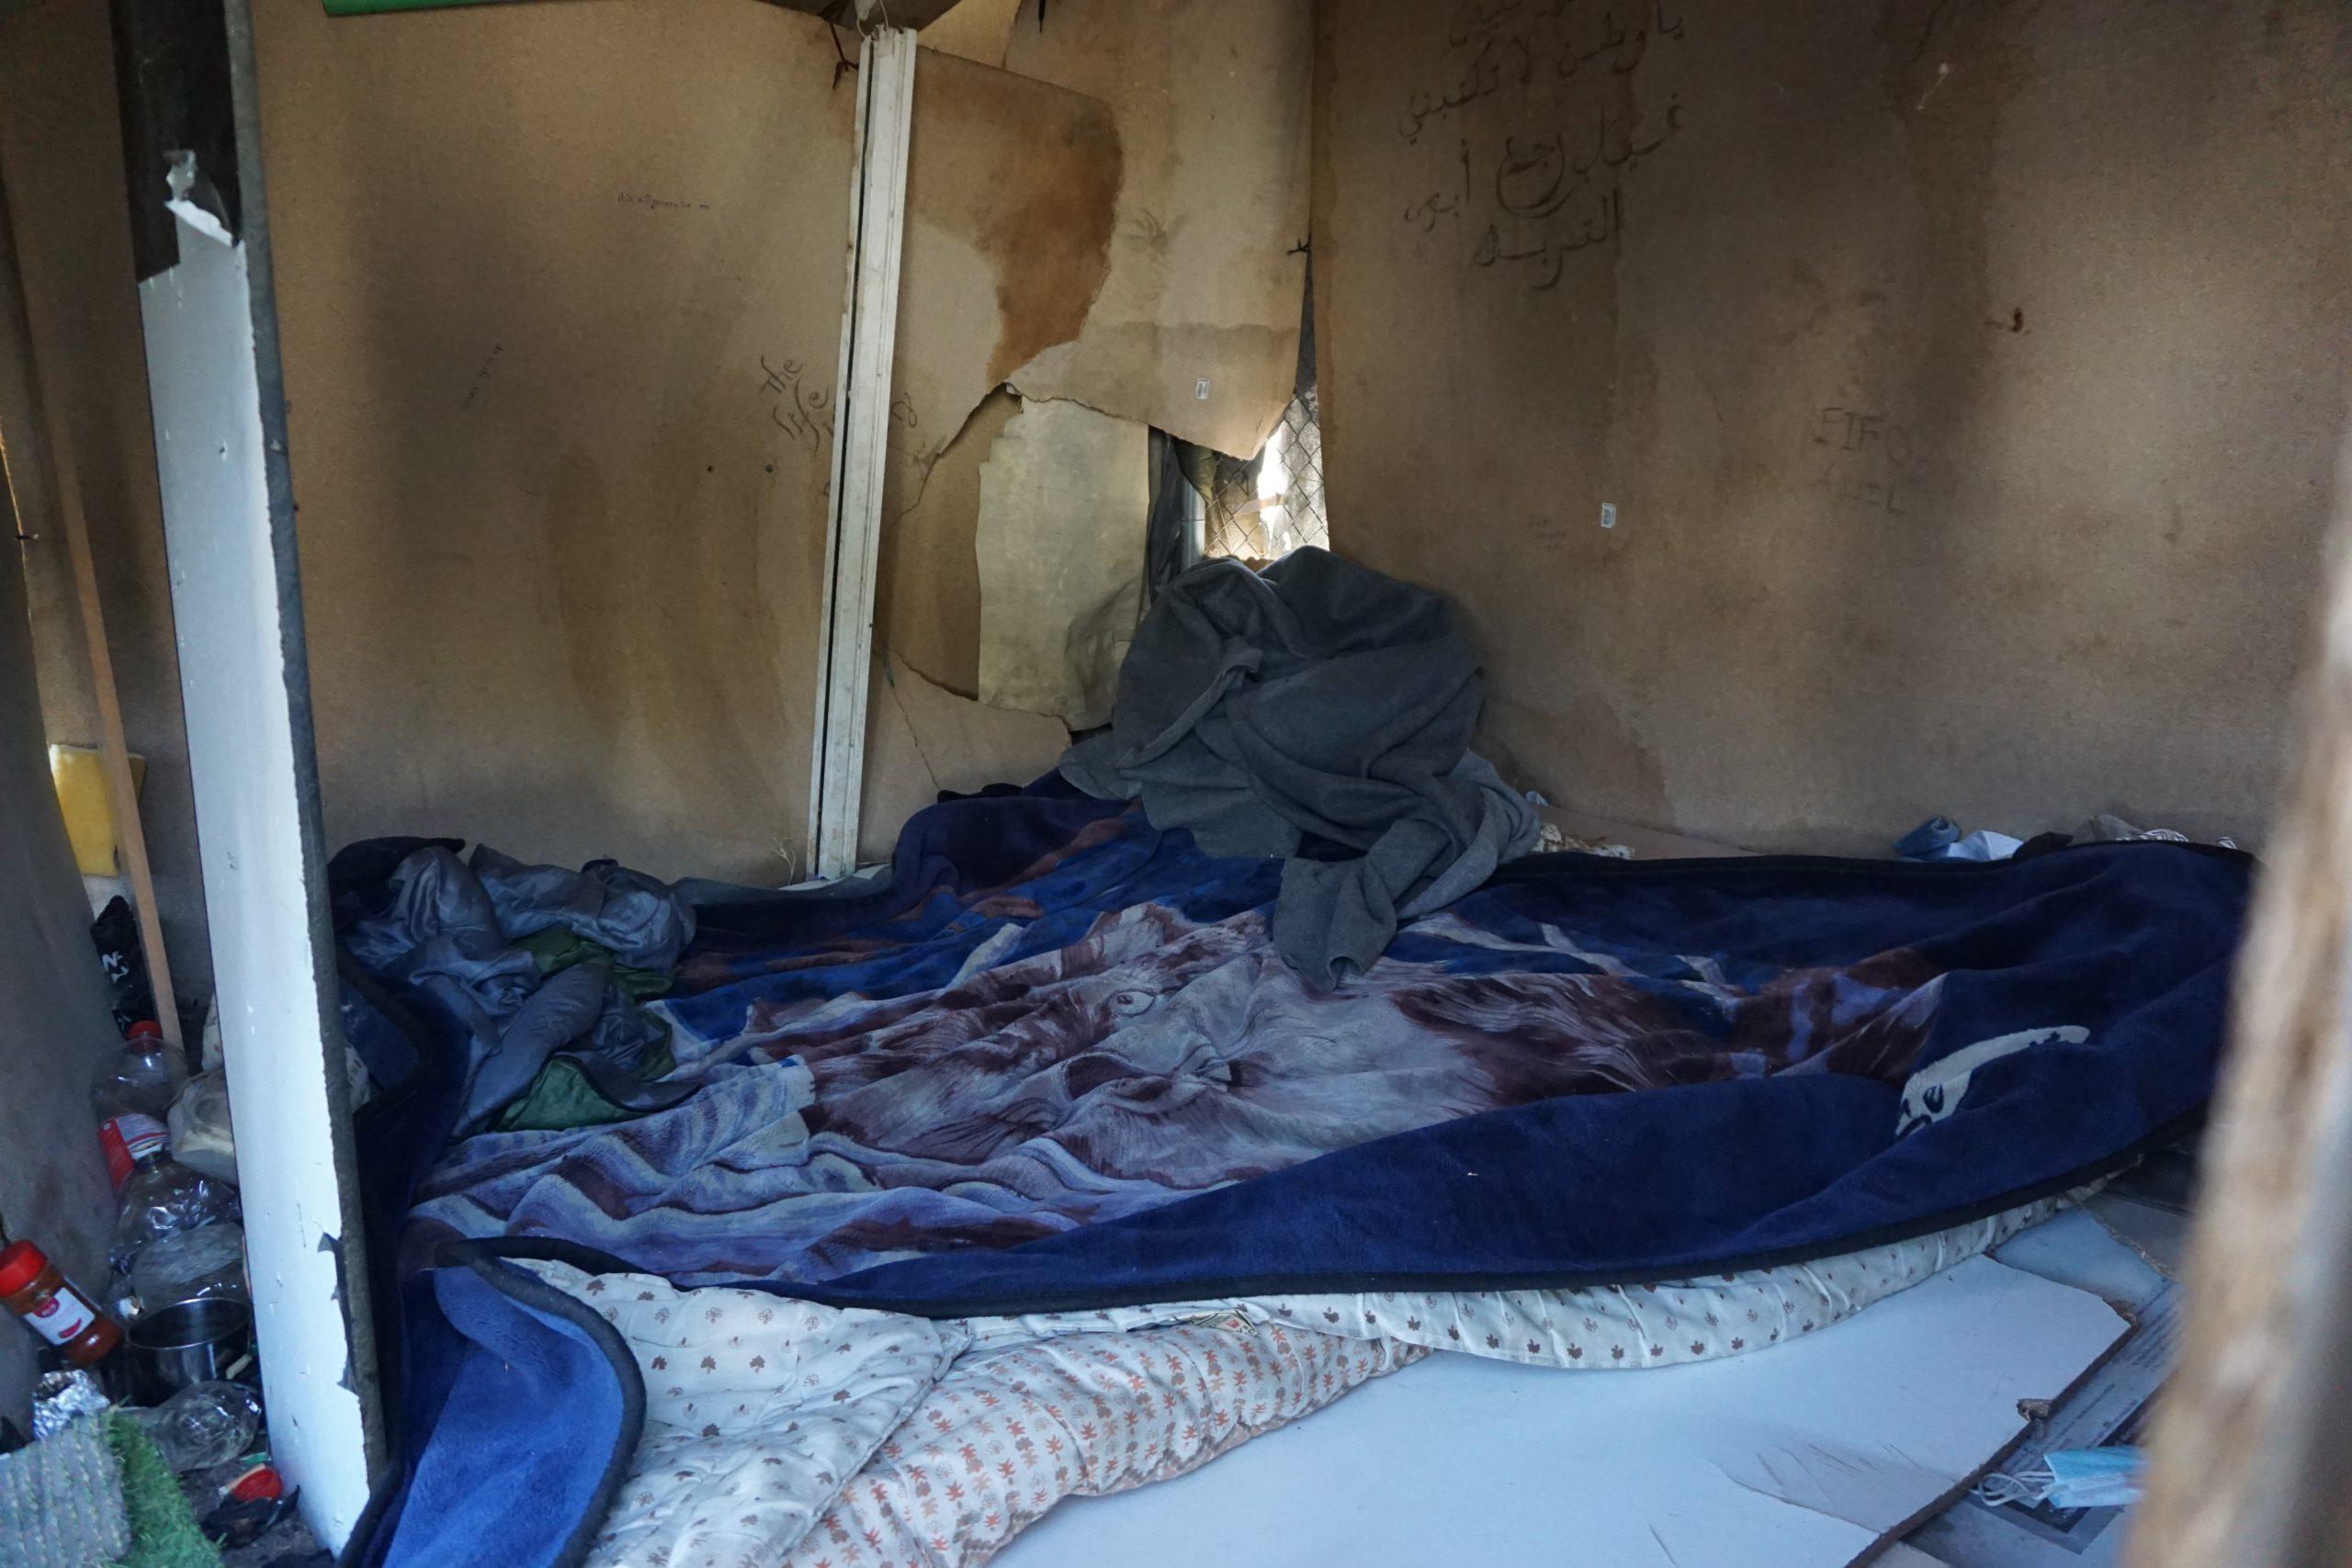 Namiot, któryRezham dzieli zdwoma przyjaciółmi zAfganistanu